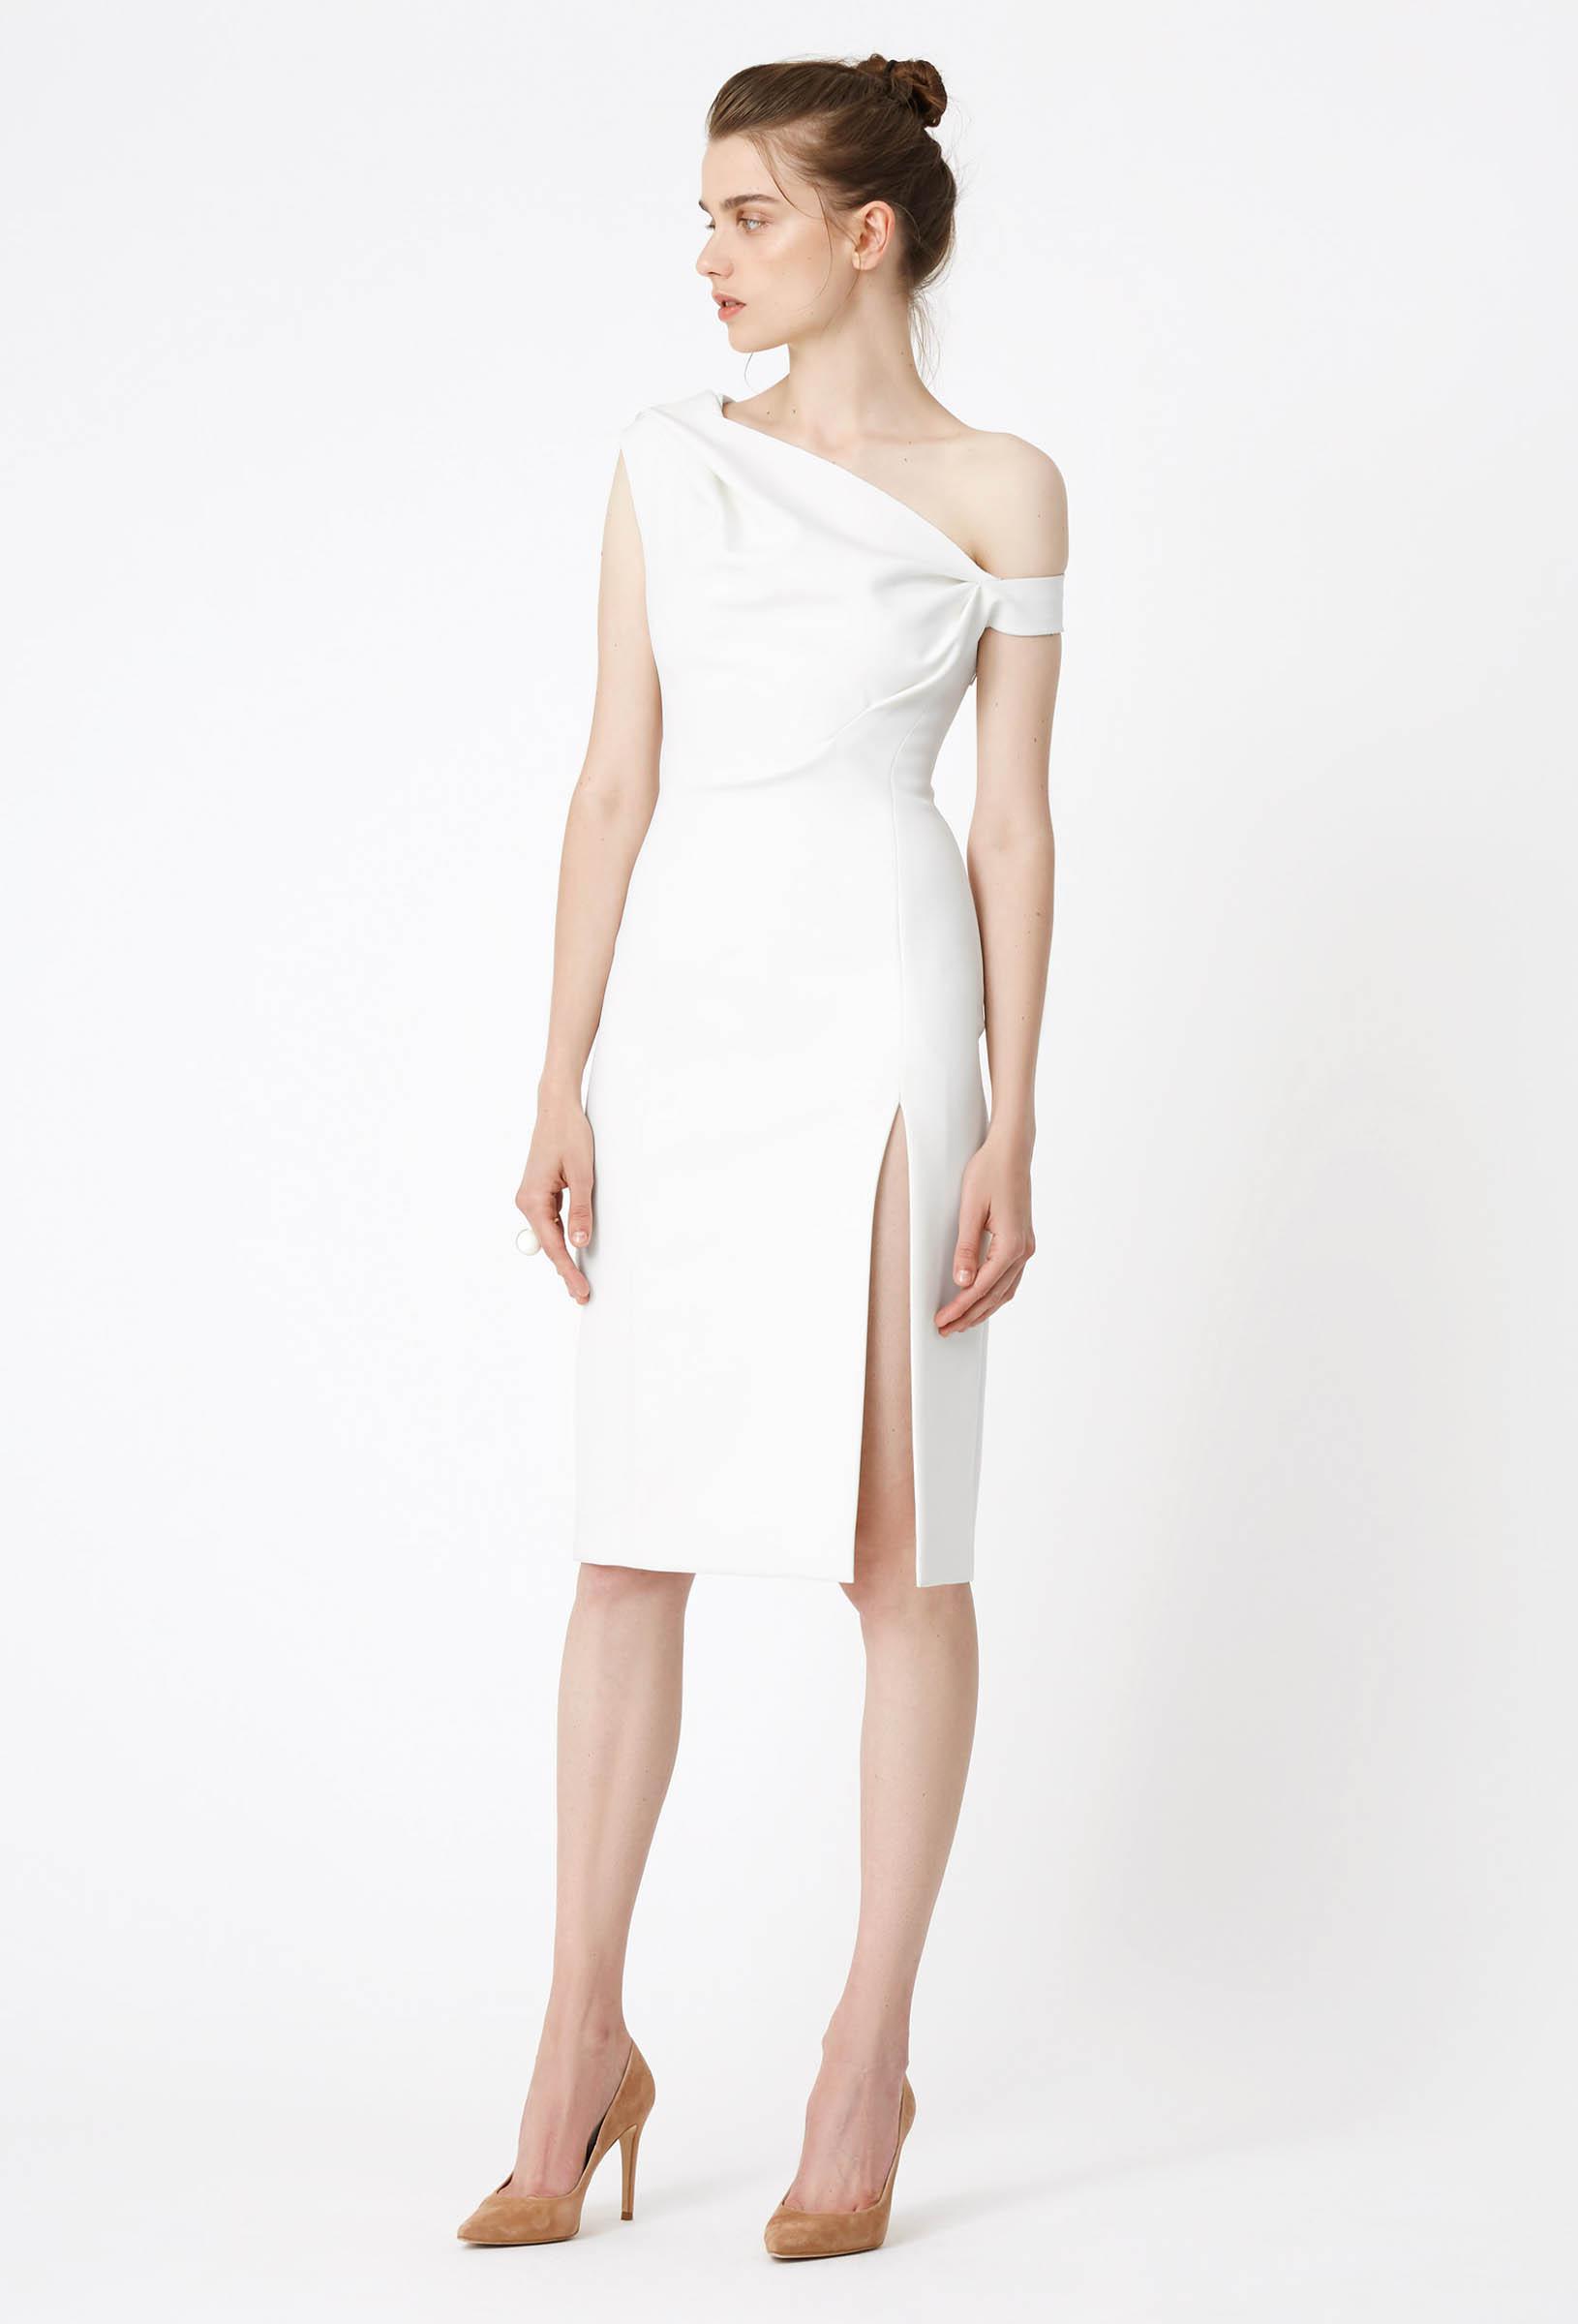 Großartig Cream Cocktail Dresses Fotos - Hochzeit Kleid Stile Ideen ...